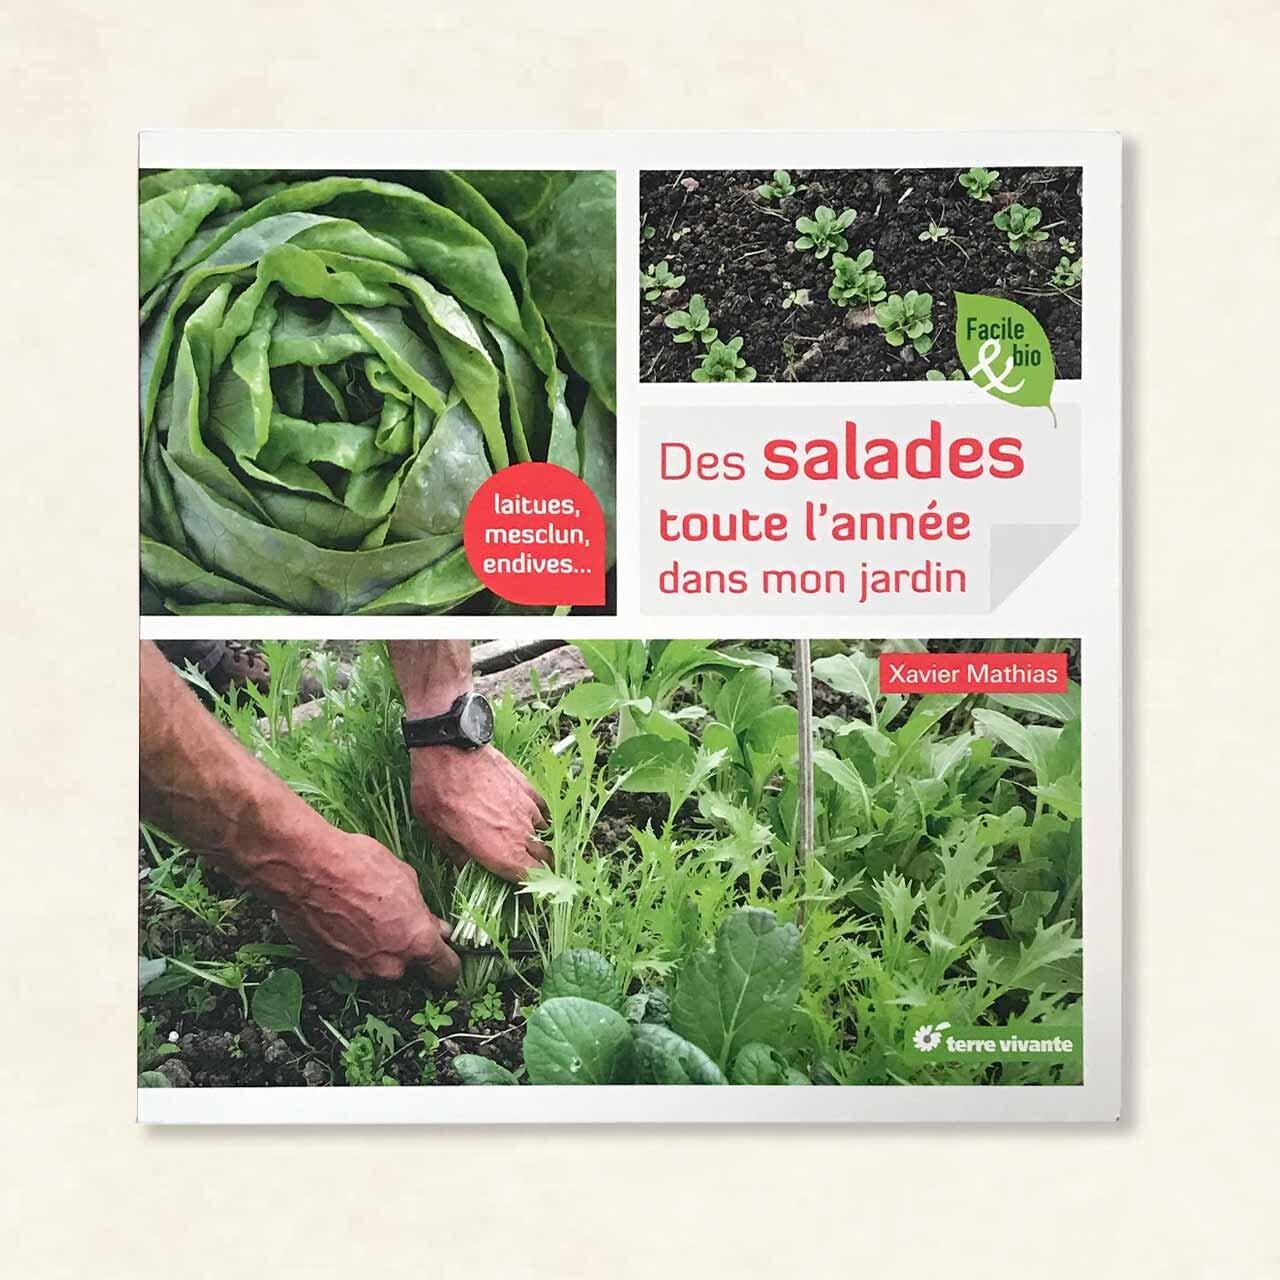 Jardinage - Des salades toute l'année dans mon jardin. Laitues, mescluns, endives…